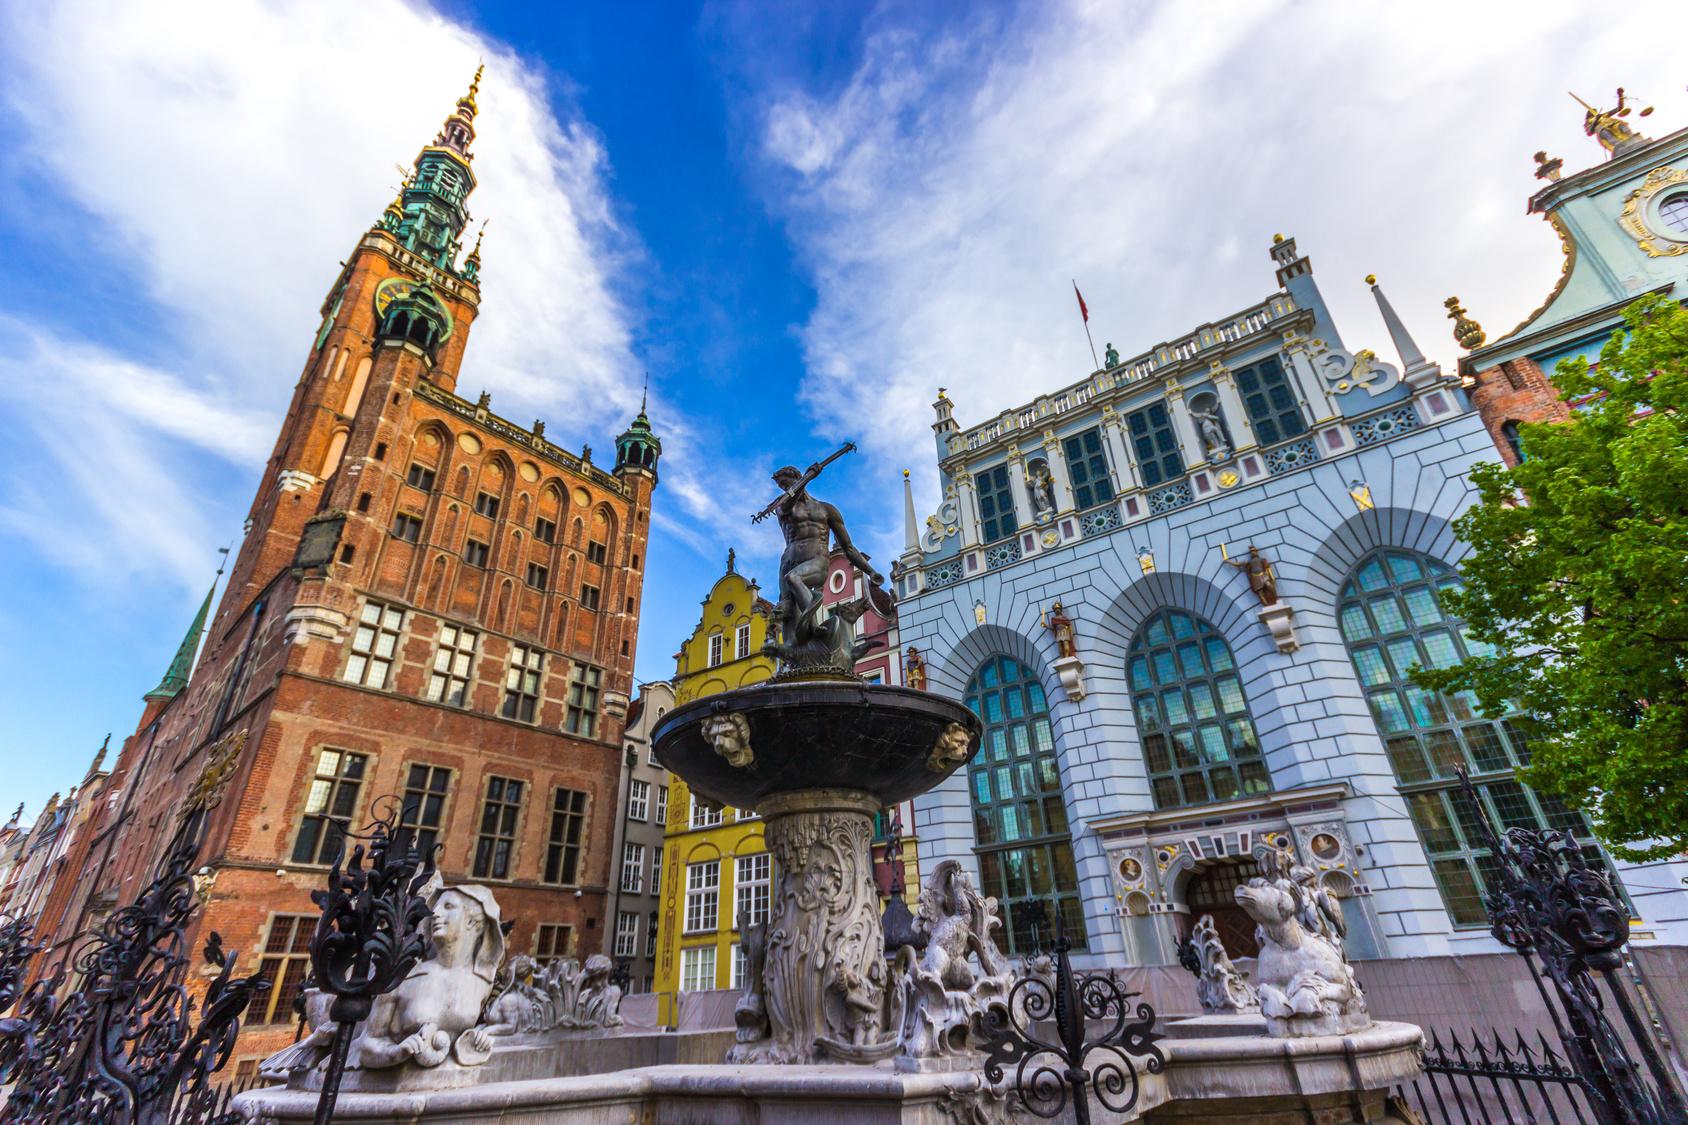 Alt du bør vite om Gdańsk